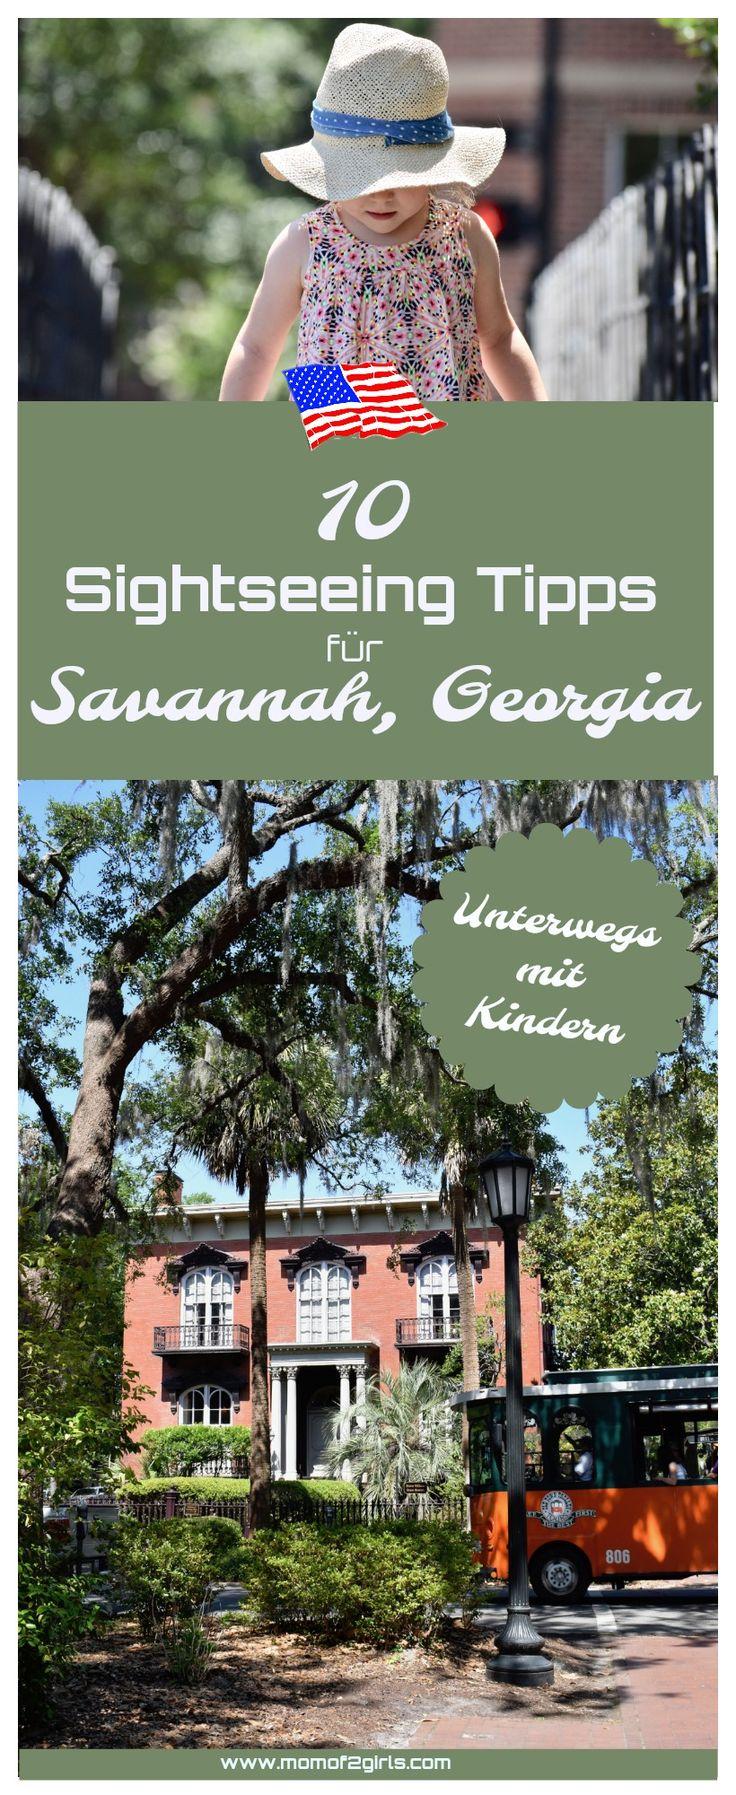 Auf unserem Road Trip mit dem Wohnmobil entlang der Ostküste der USA haben wir und Savannah, Georgia angeschaut. Eine Stadt, die man sich unbedingt anschauen muss. Entdeckt die Stadt mit euren Kindern, taucht ab in den Südstaatenflair, setzt euch in den Park, in dem Forrest Gump gedreht wurde und entdeckt mit meinen 10 Top Sightseeing Tipps die Stadt mit euren Kids...